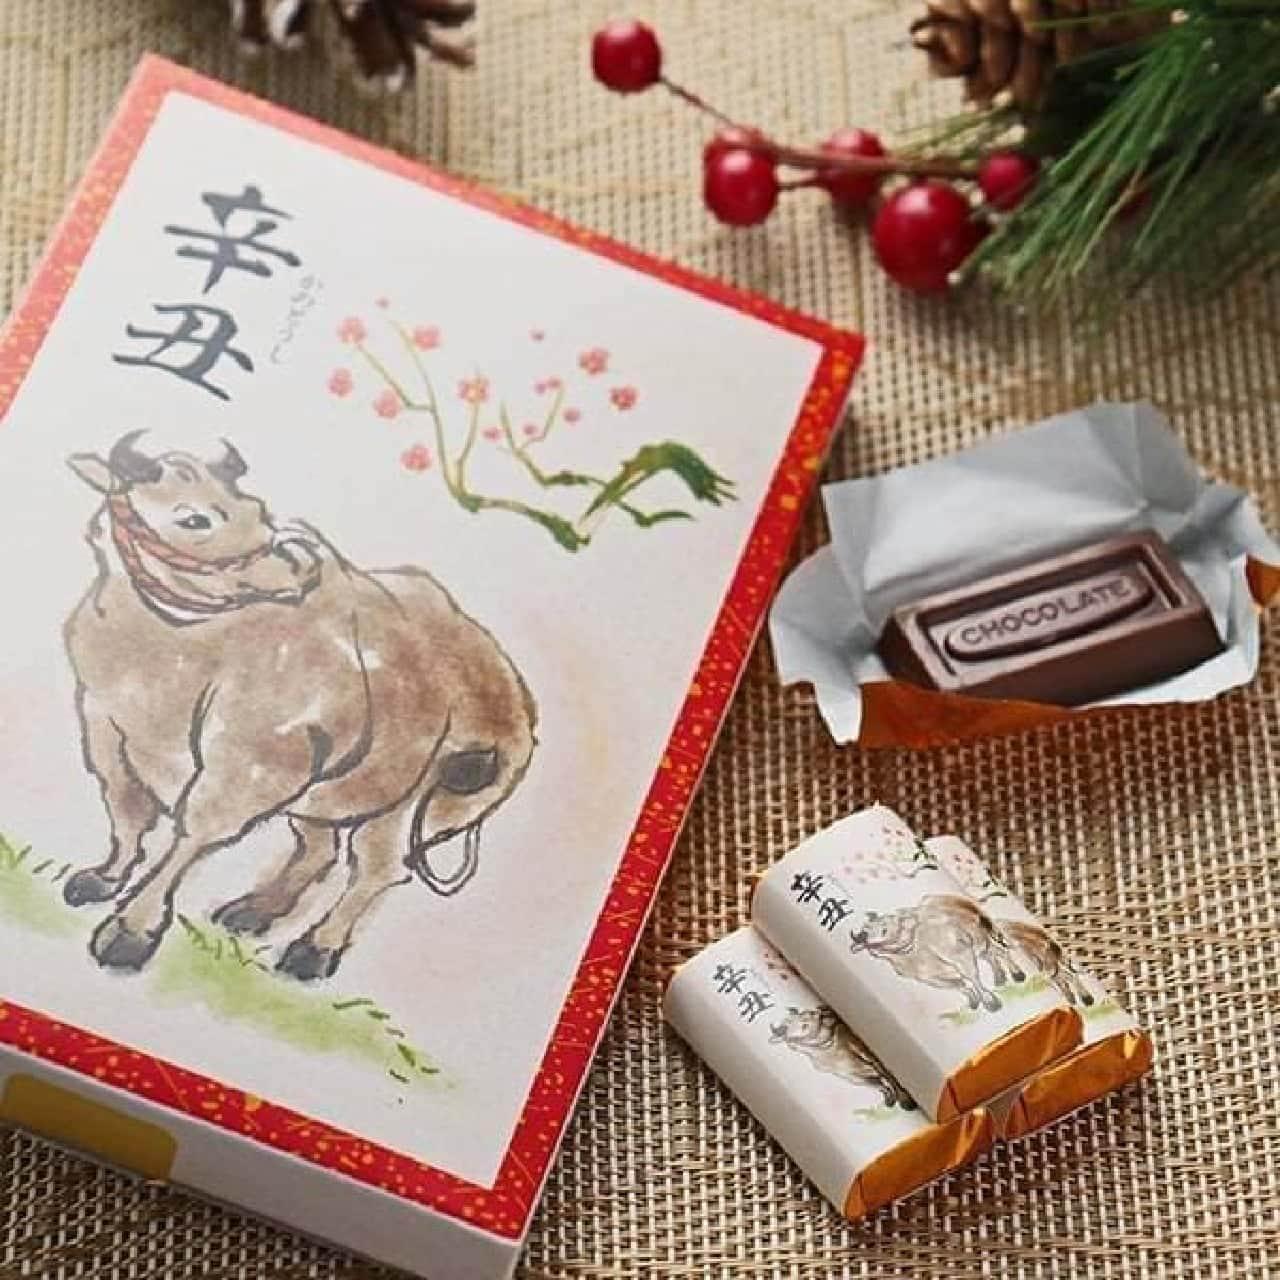 カルディ「正栄 干支チョコレート 辛丑 50g」